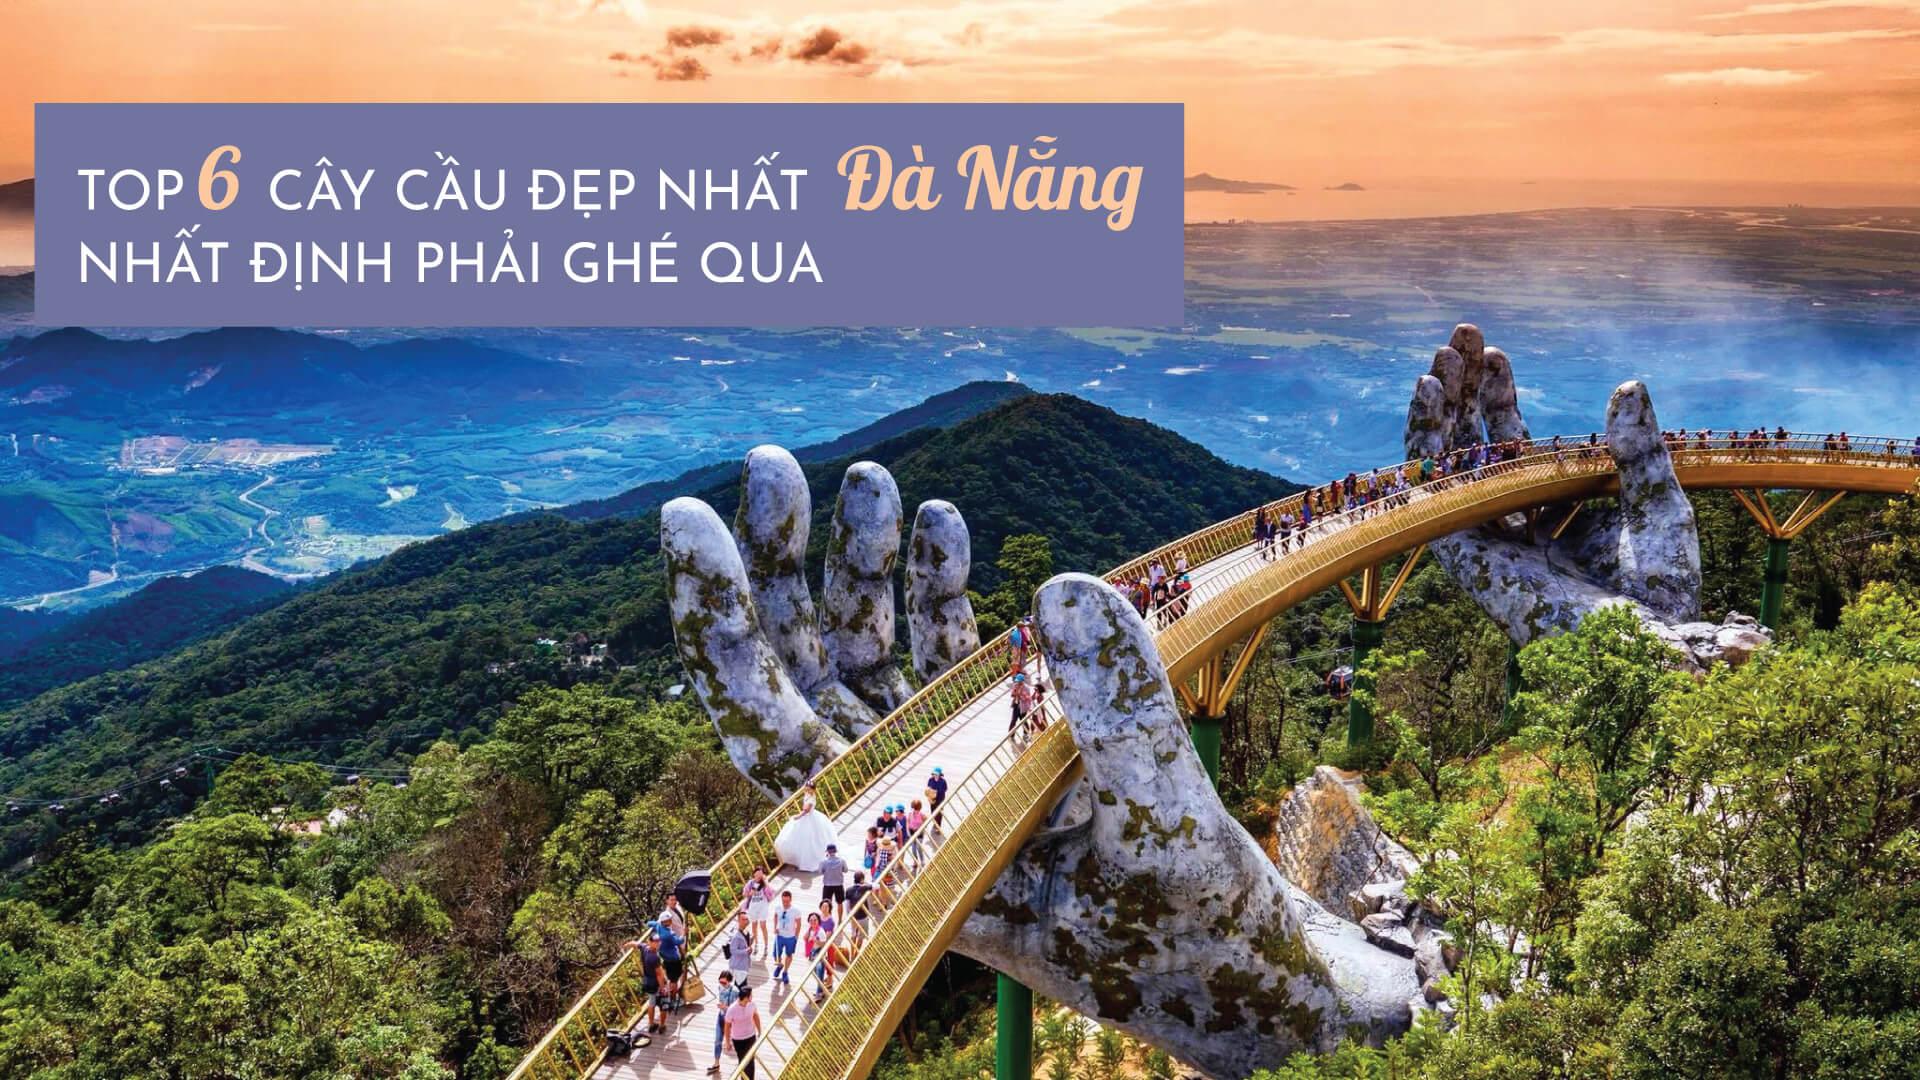 Top 6 cây cầu đẹp nhất Đà Nẵng nhất định phải ghé qua